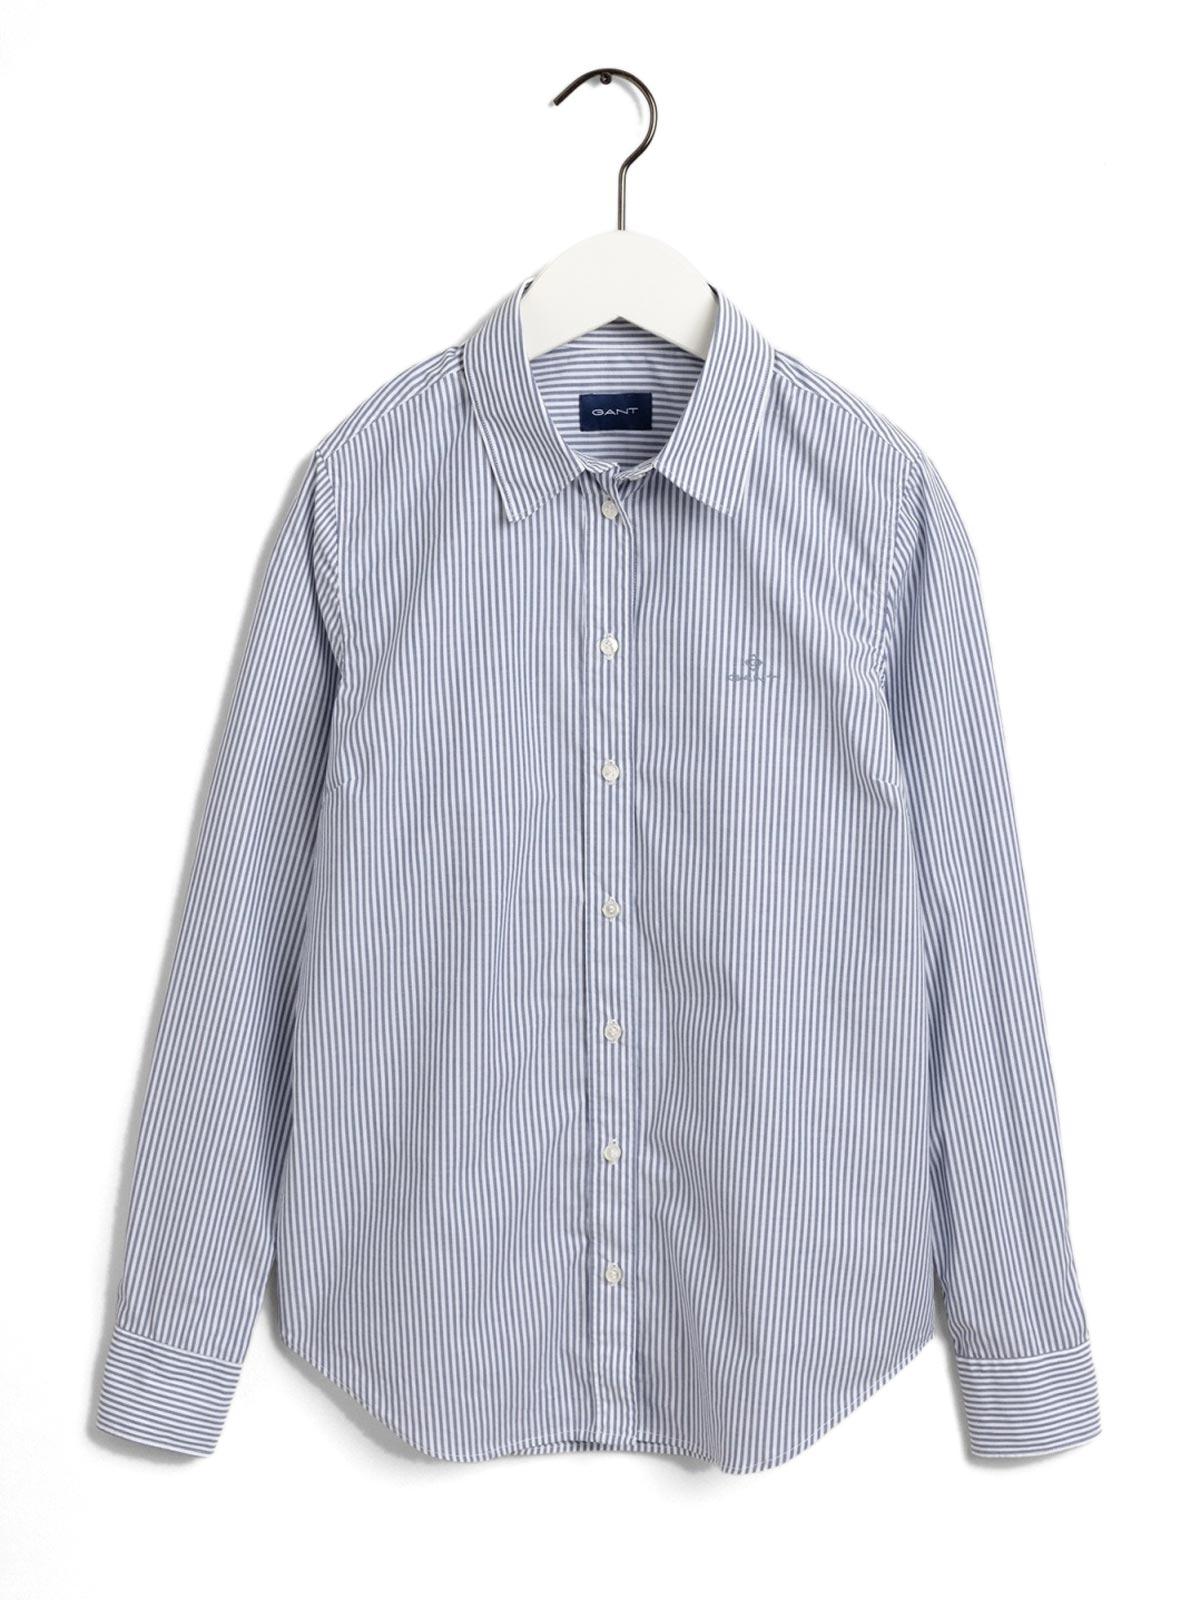 Immagine di Gant | Shirts Banker Stripe Stretch Broadcloth